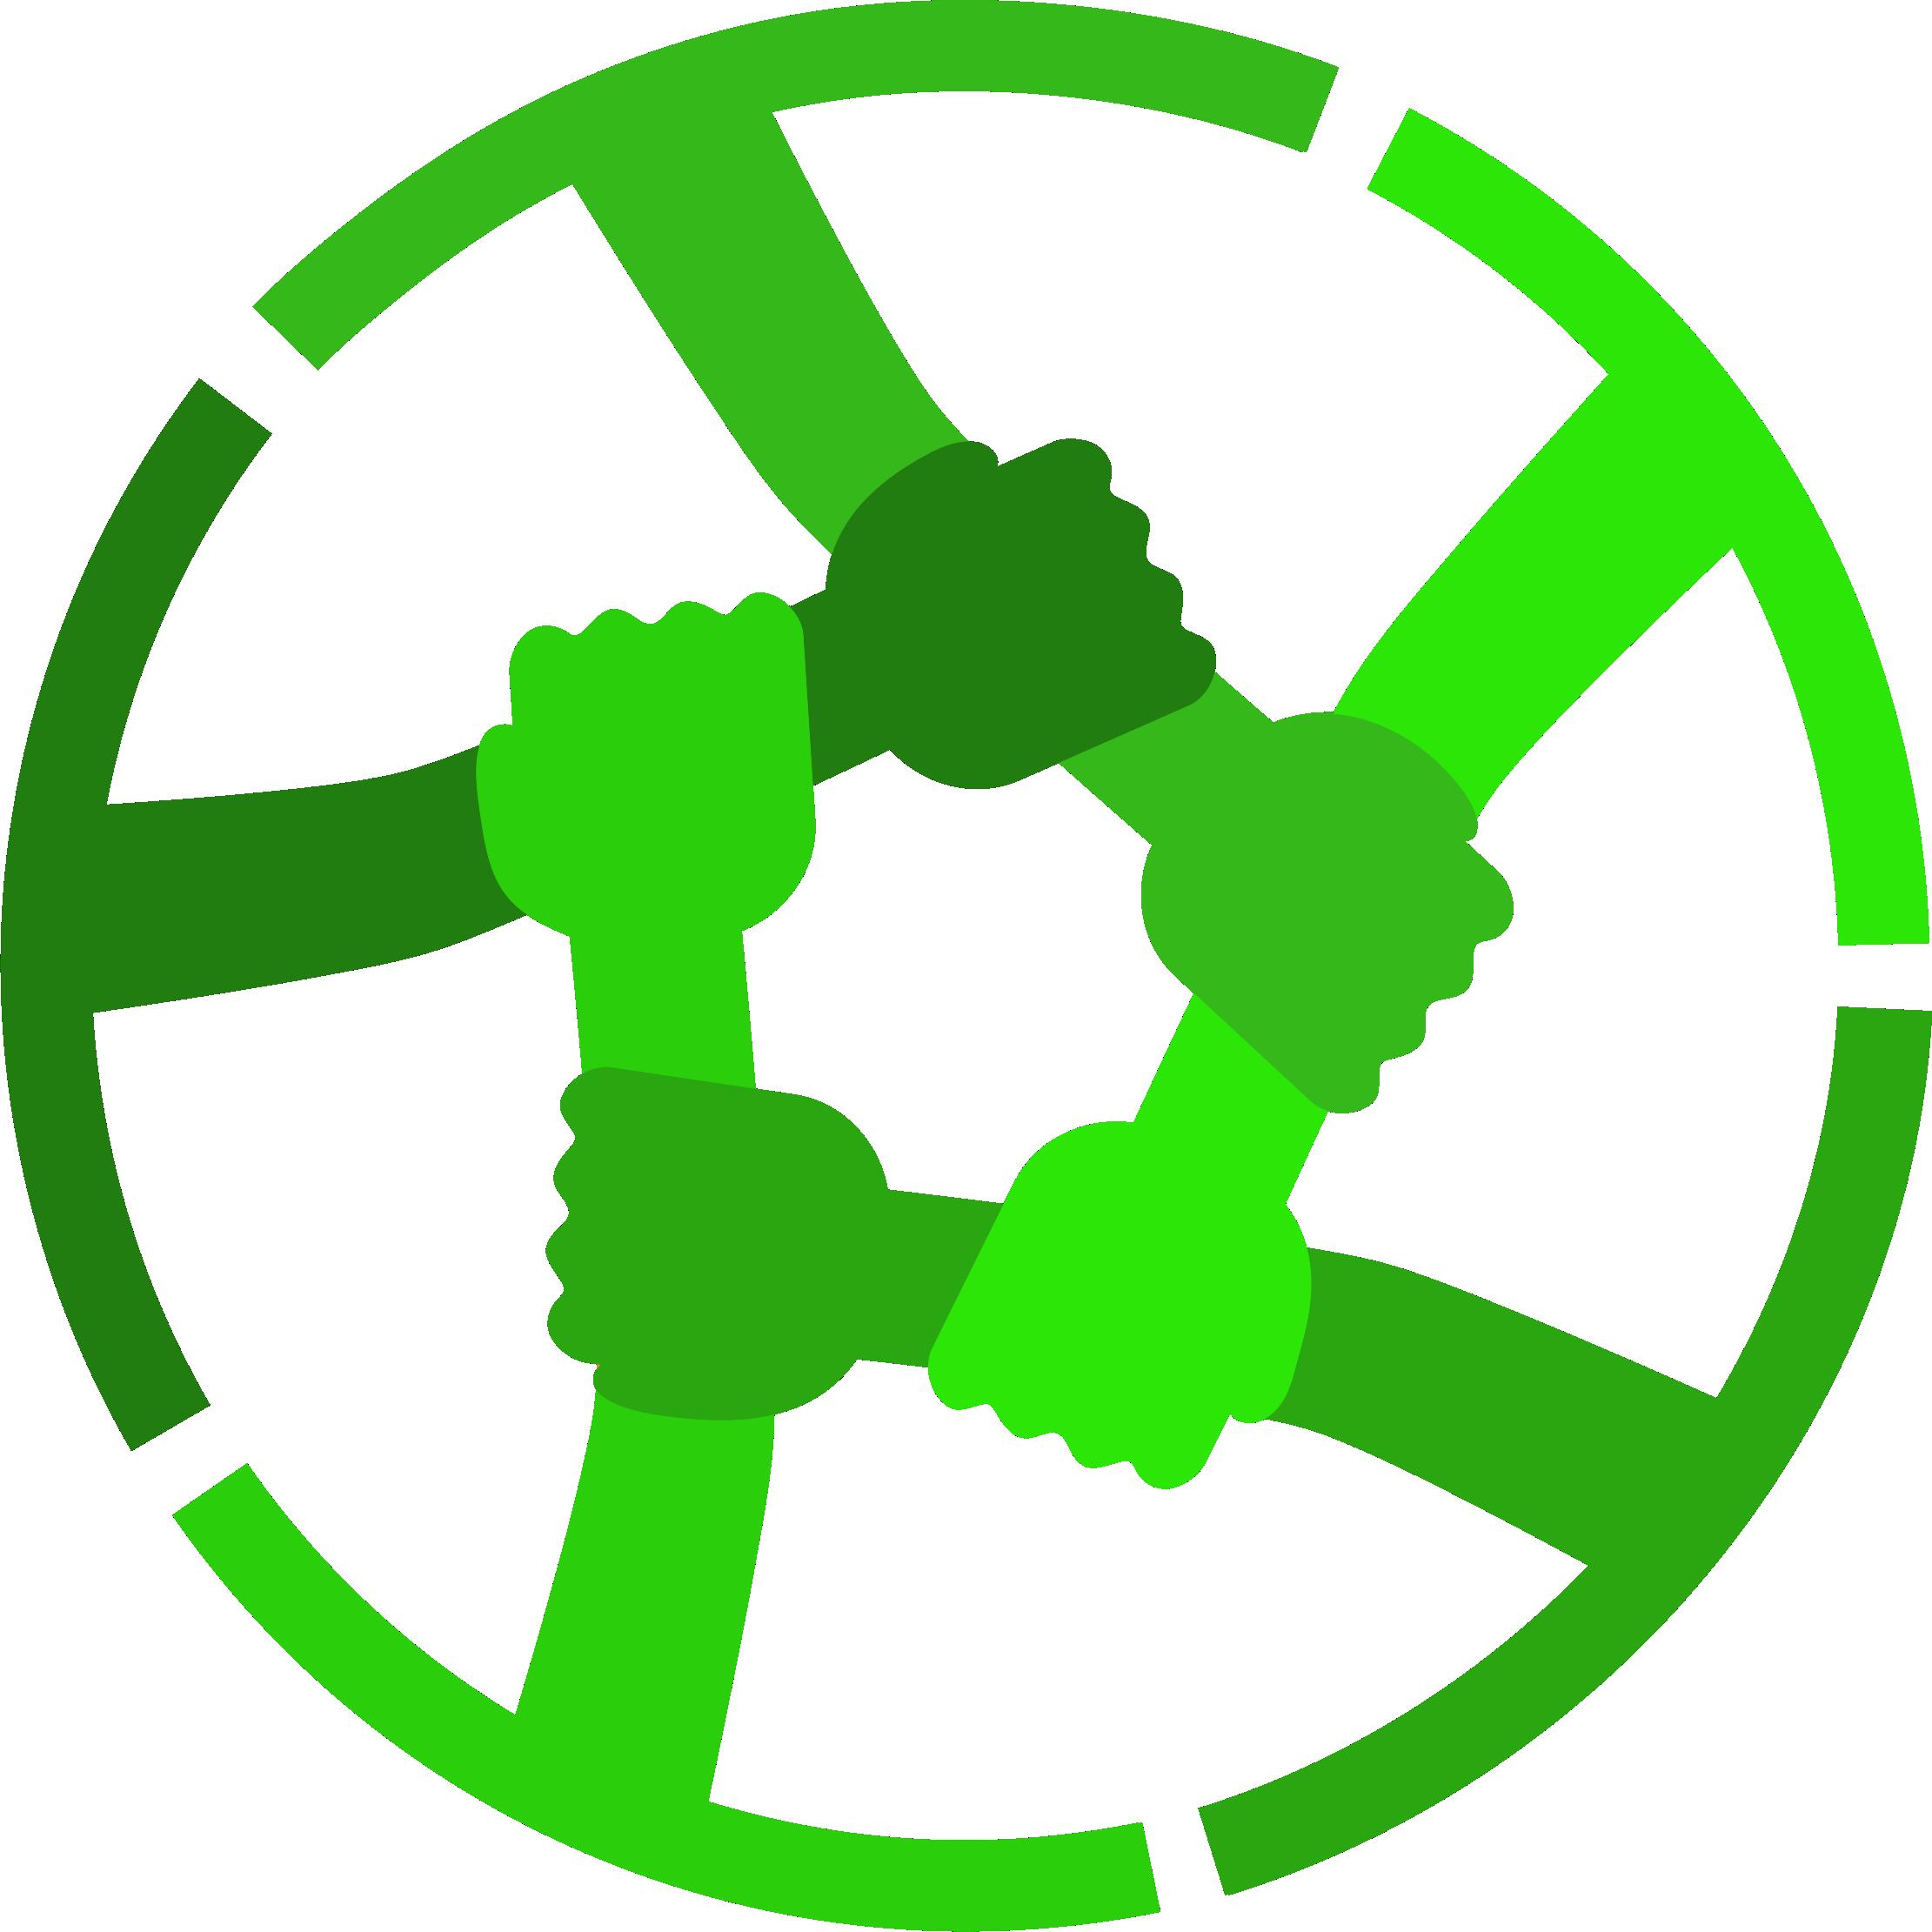 maos icon